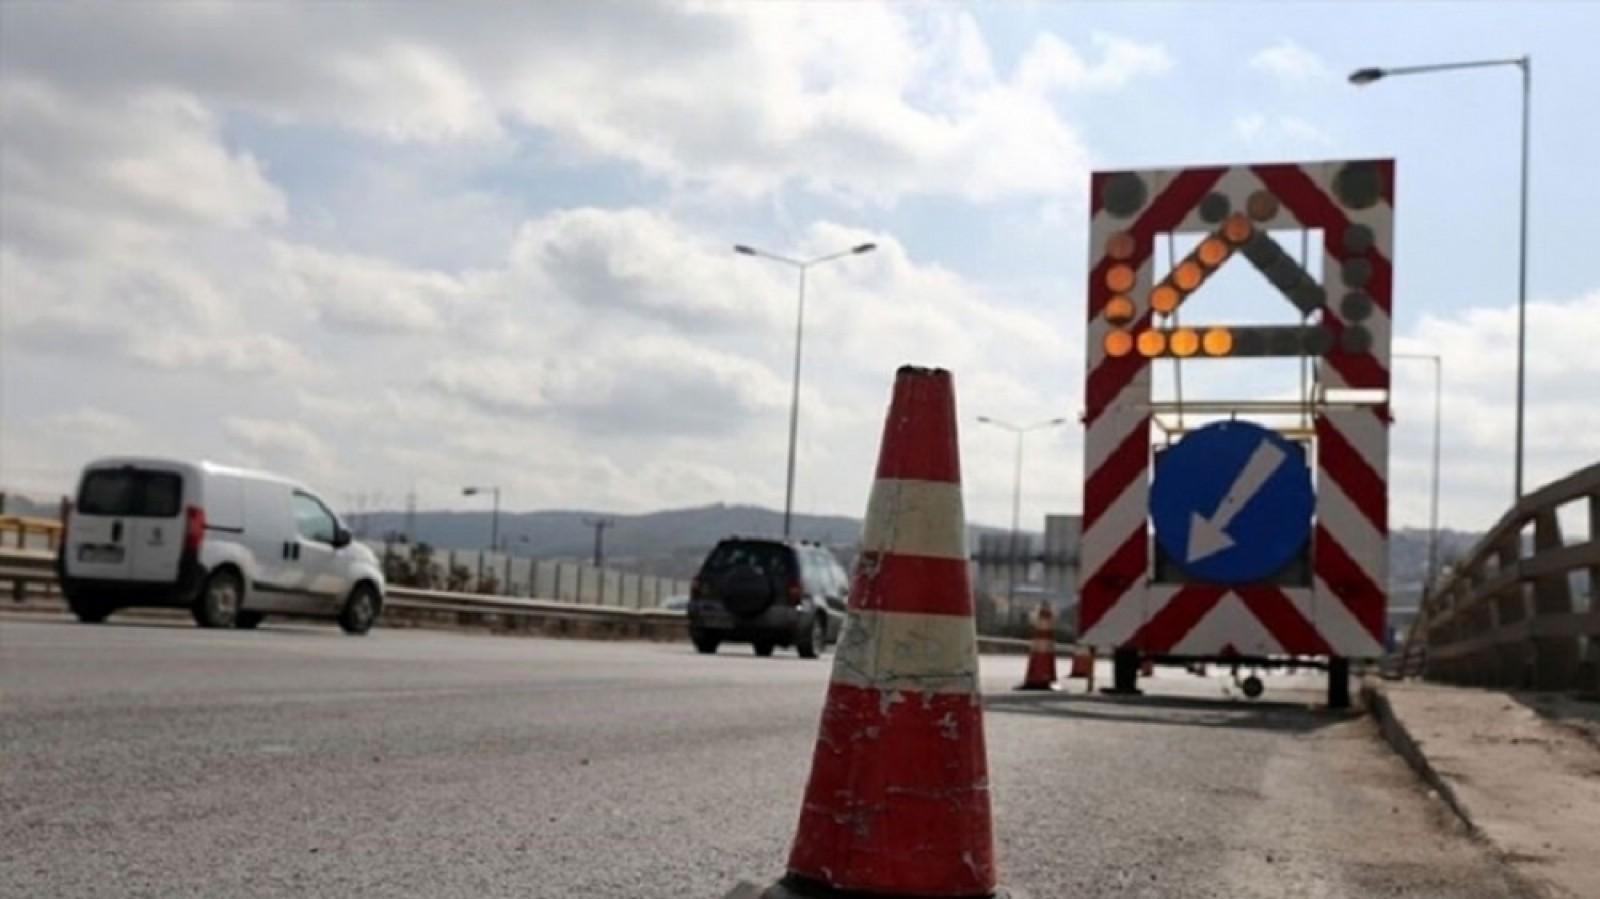 Εργασίες συντήρησης από αύριο επί της Εθνικής Οδού Θεσσαλονίκης – Ν. Μουδανιών